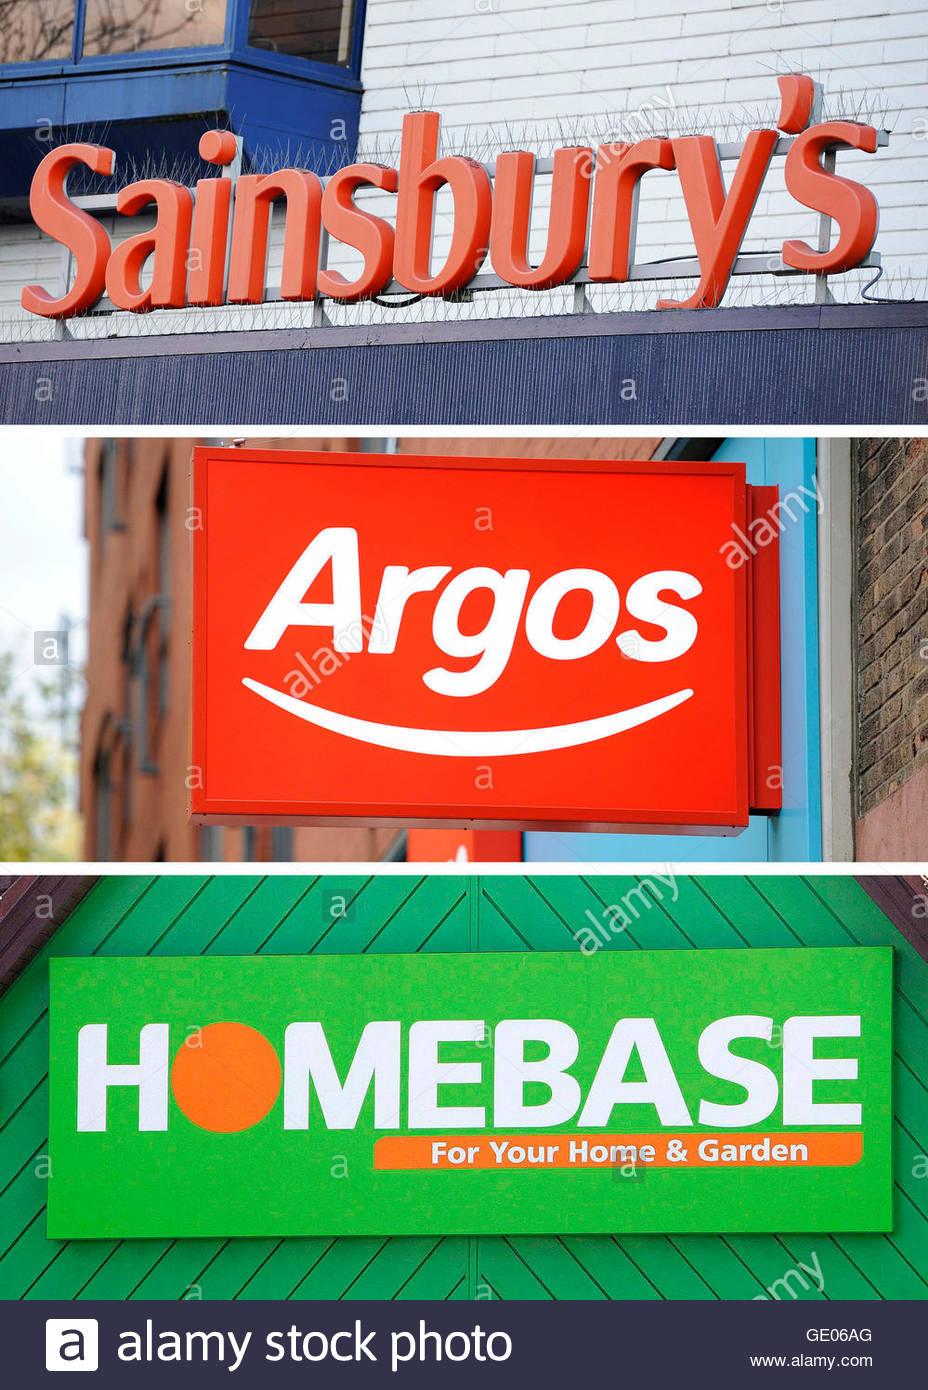 Excepcional Sainsburys Muebles De Jardín Homebase Friso - Muebles ...